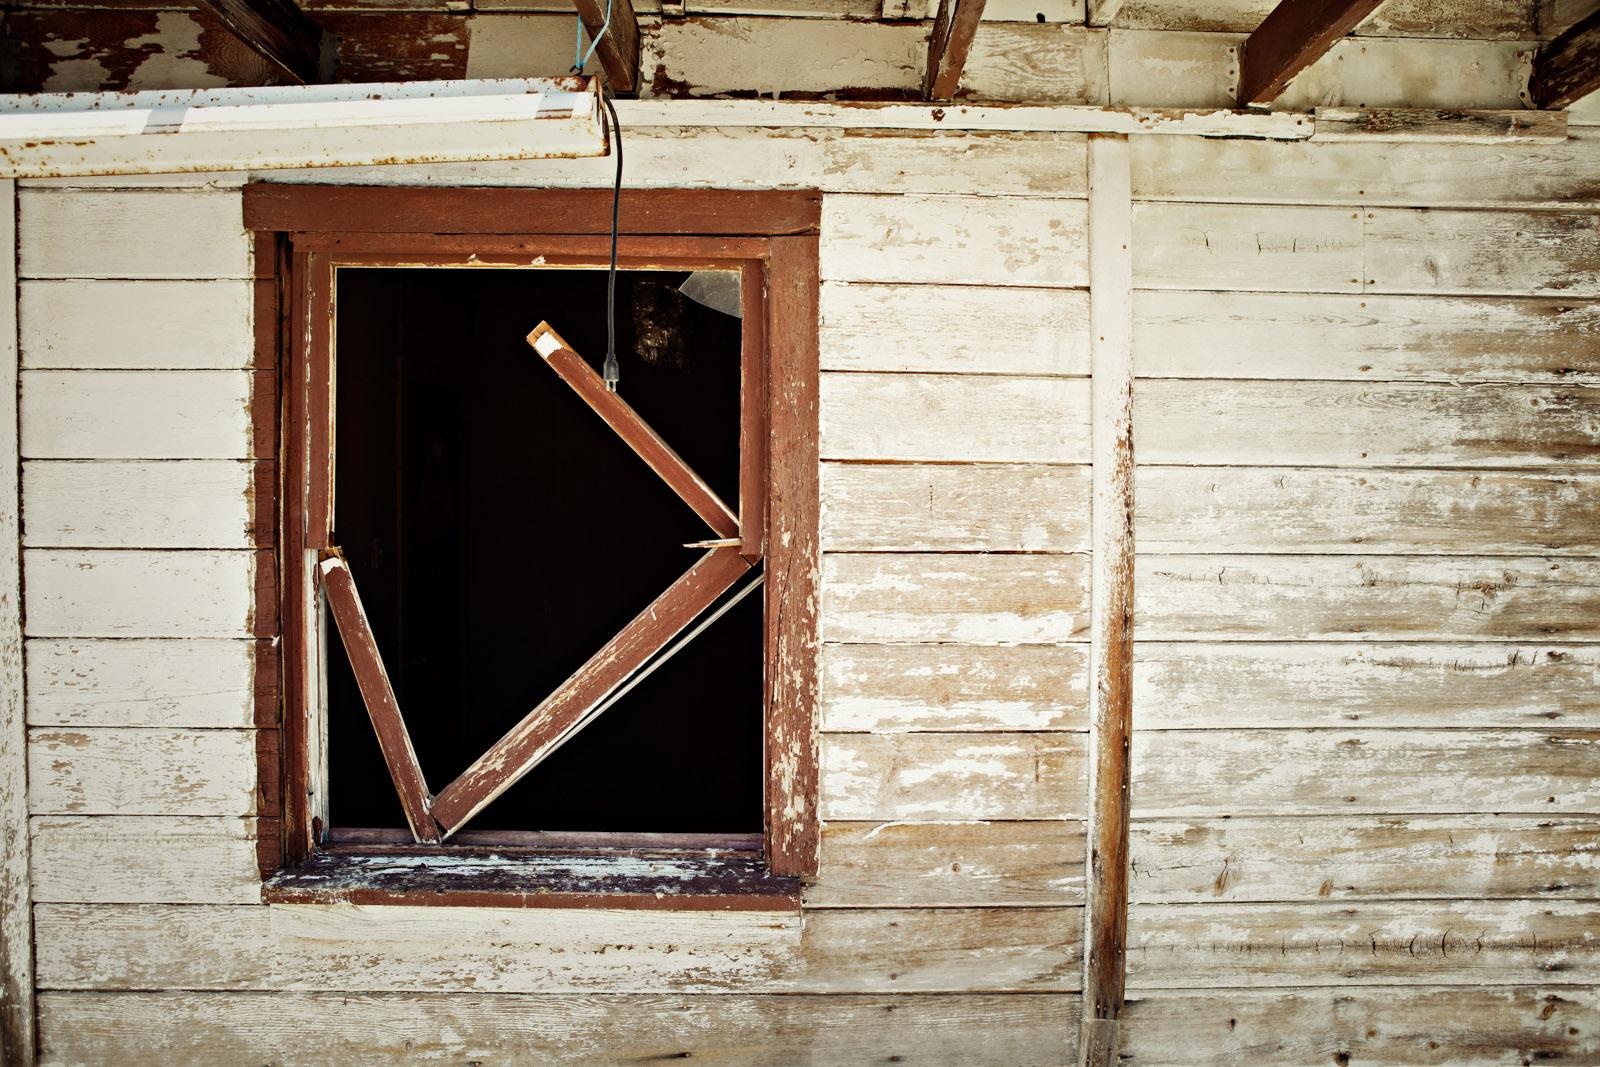 Mark_Nagel_Abandoned-20.jpg